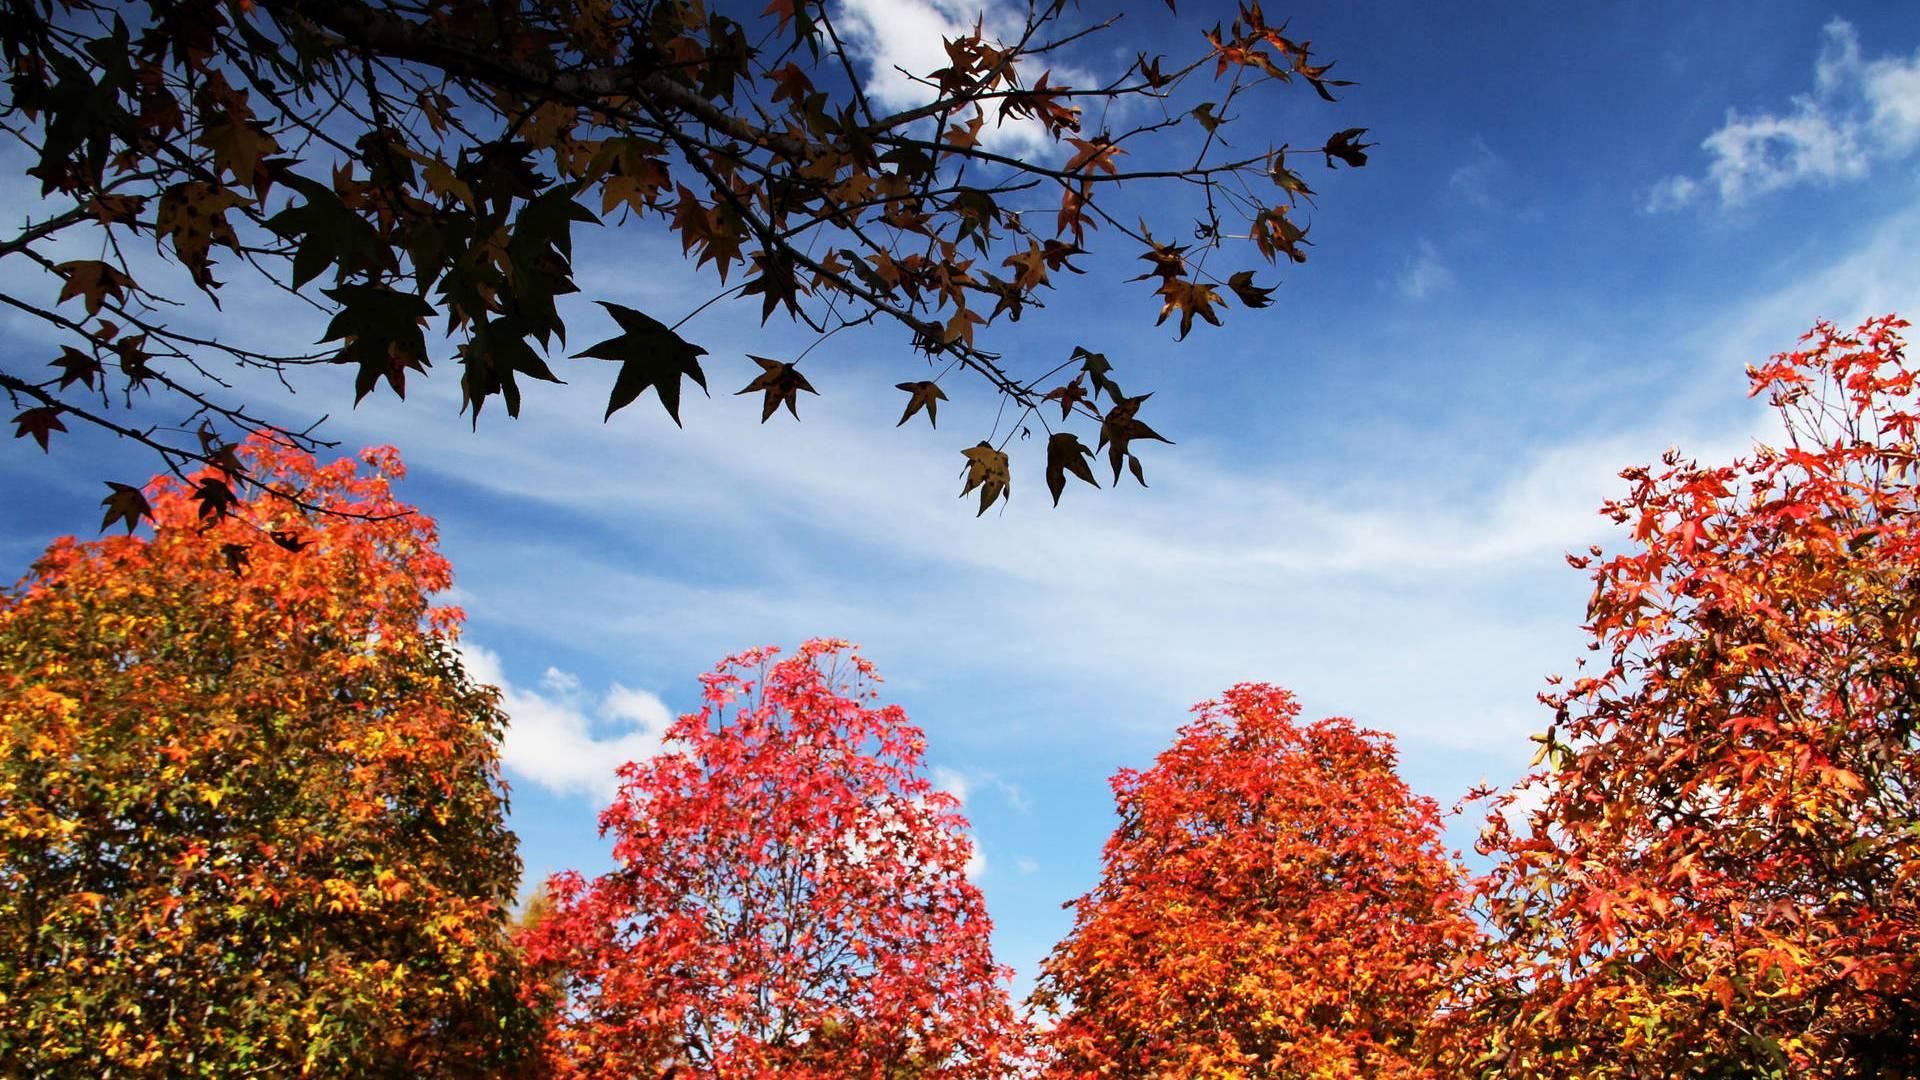 Outono começa abafado e com chuva em algumas regiões do Estado